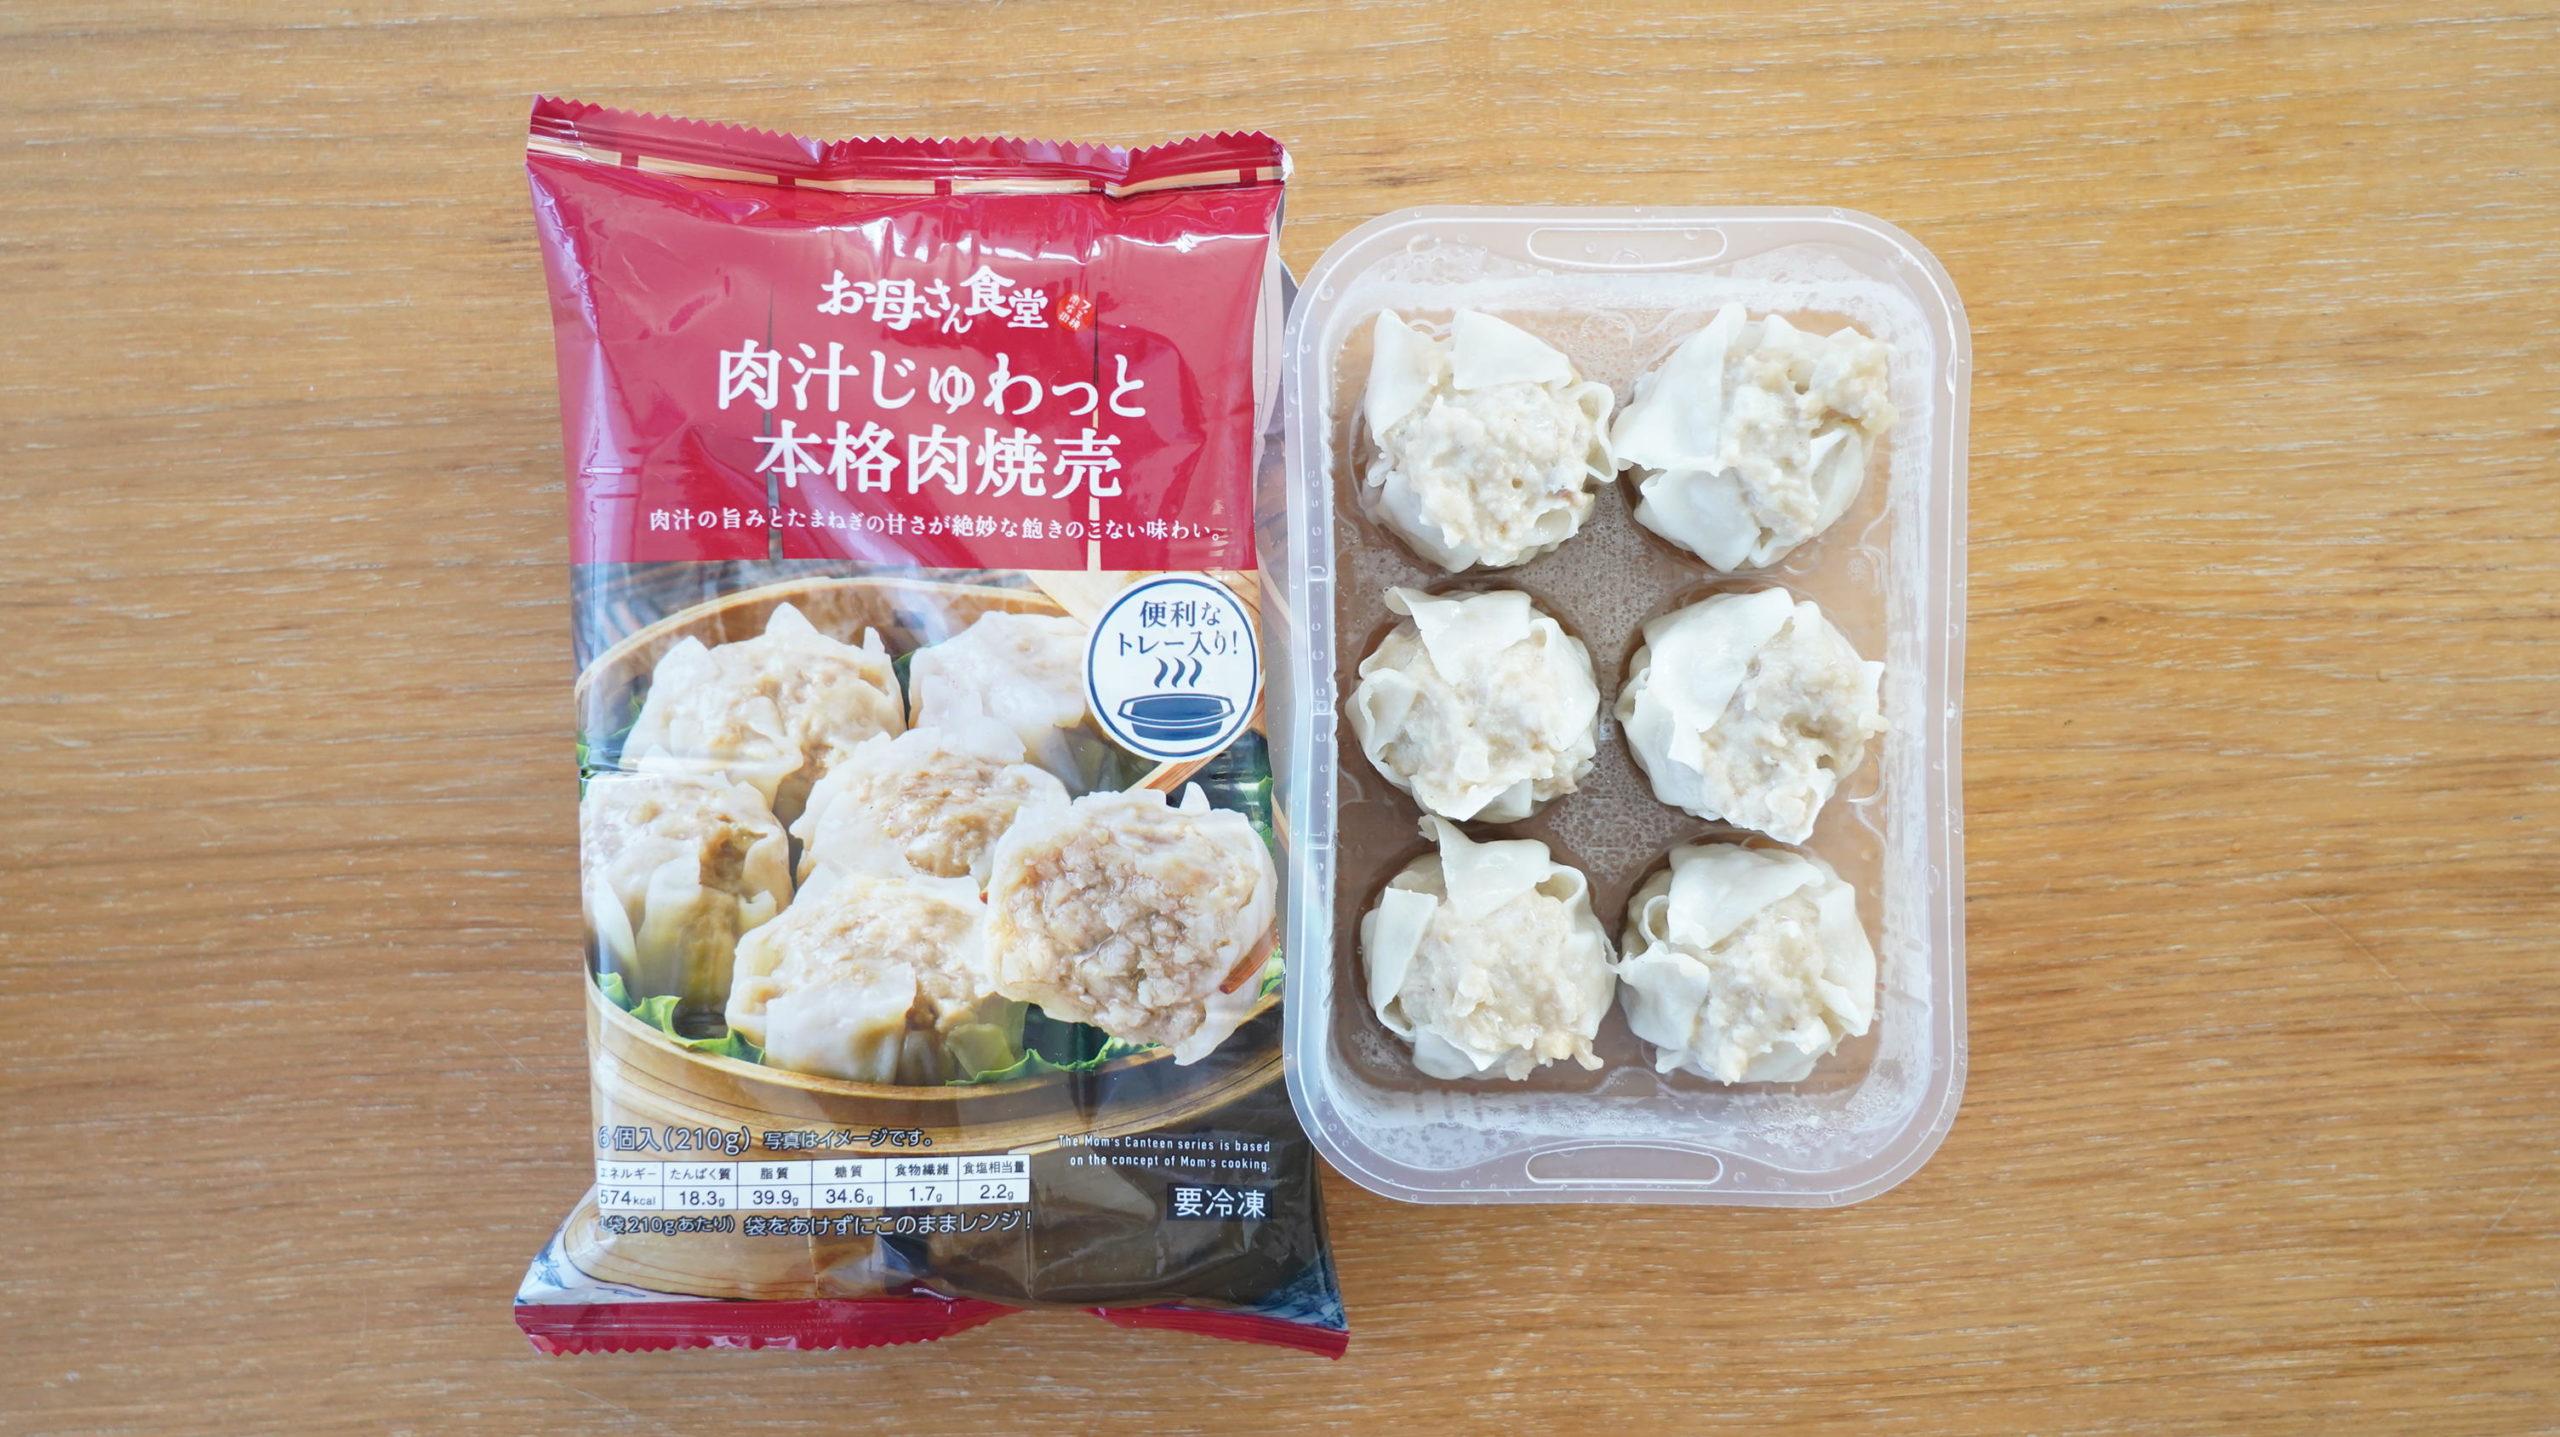 ファミリーマートの冷凍食品「肉汁じゅわっと本格肉焼売」のパッケージの写真